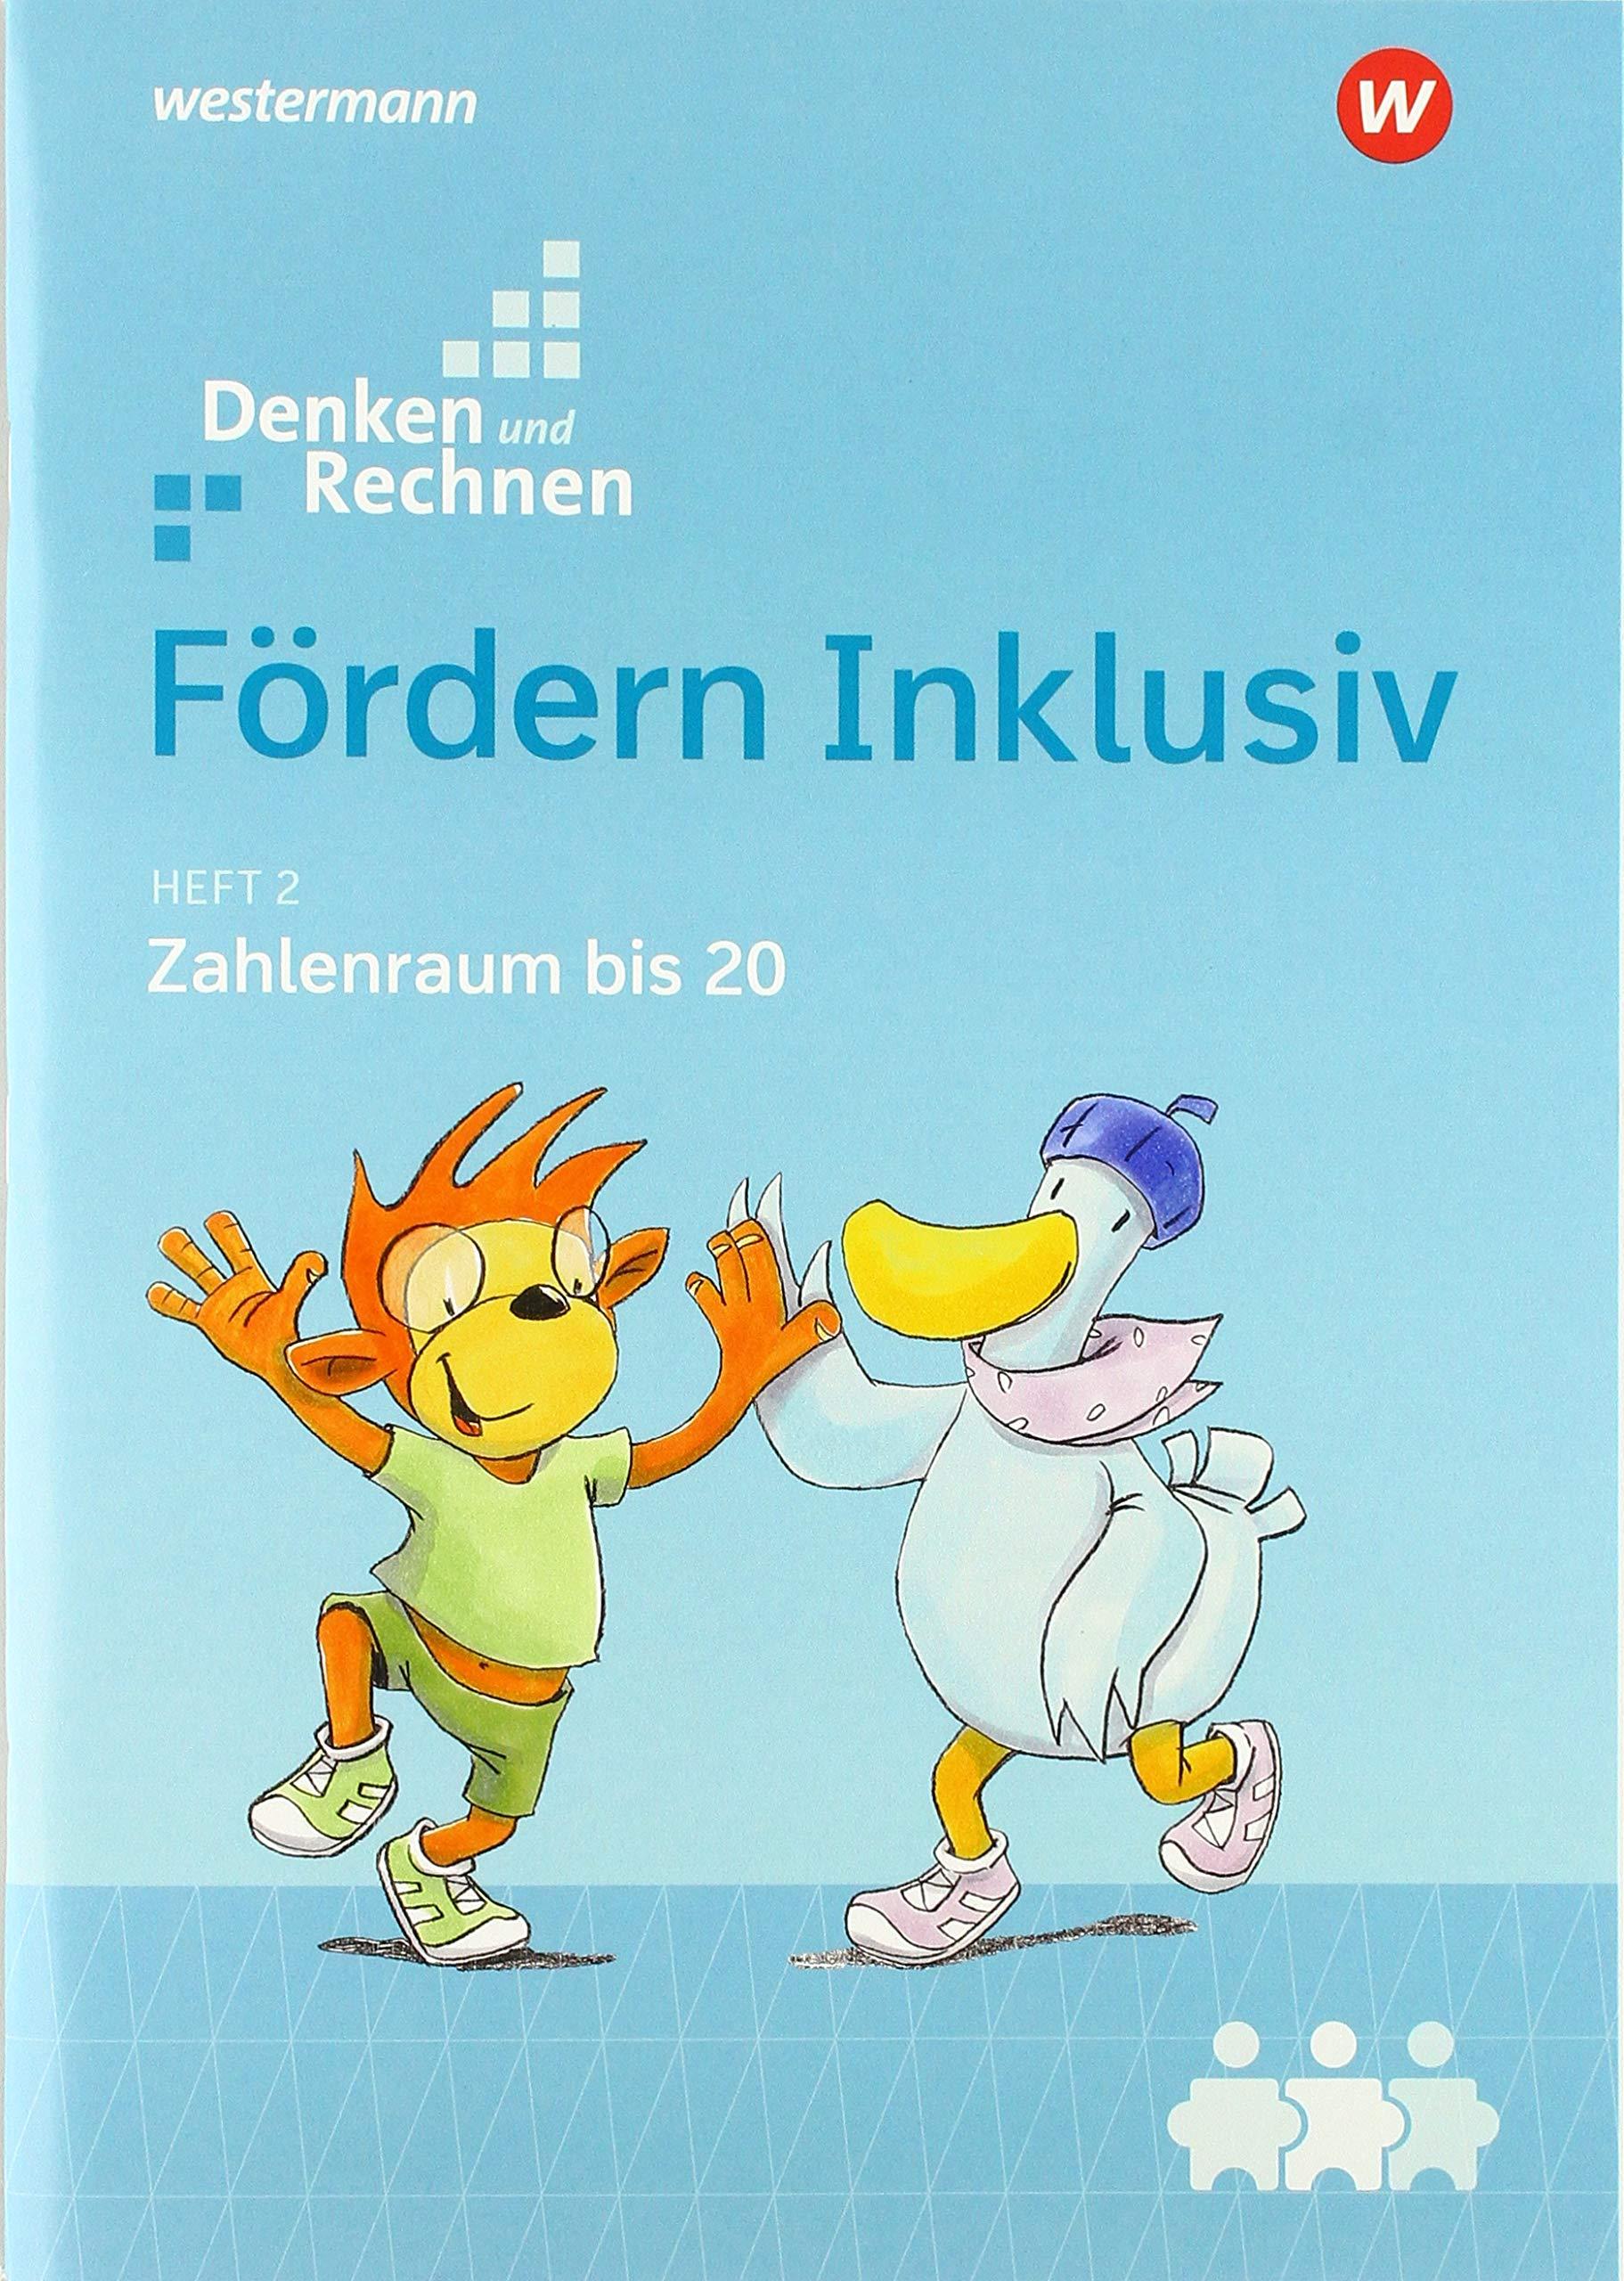 Fördern Inklusiv  Heft 2  Zahlenraum Bis 20  Denken Und Rechnen